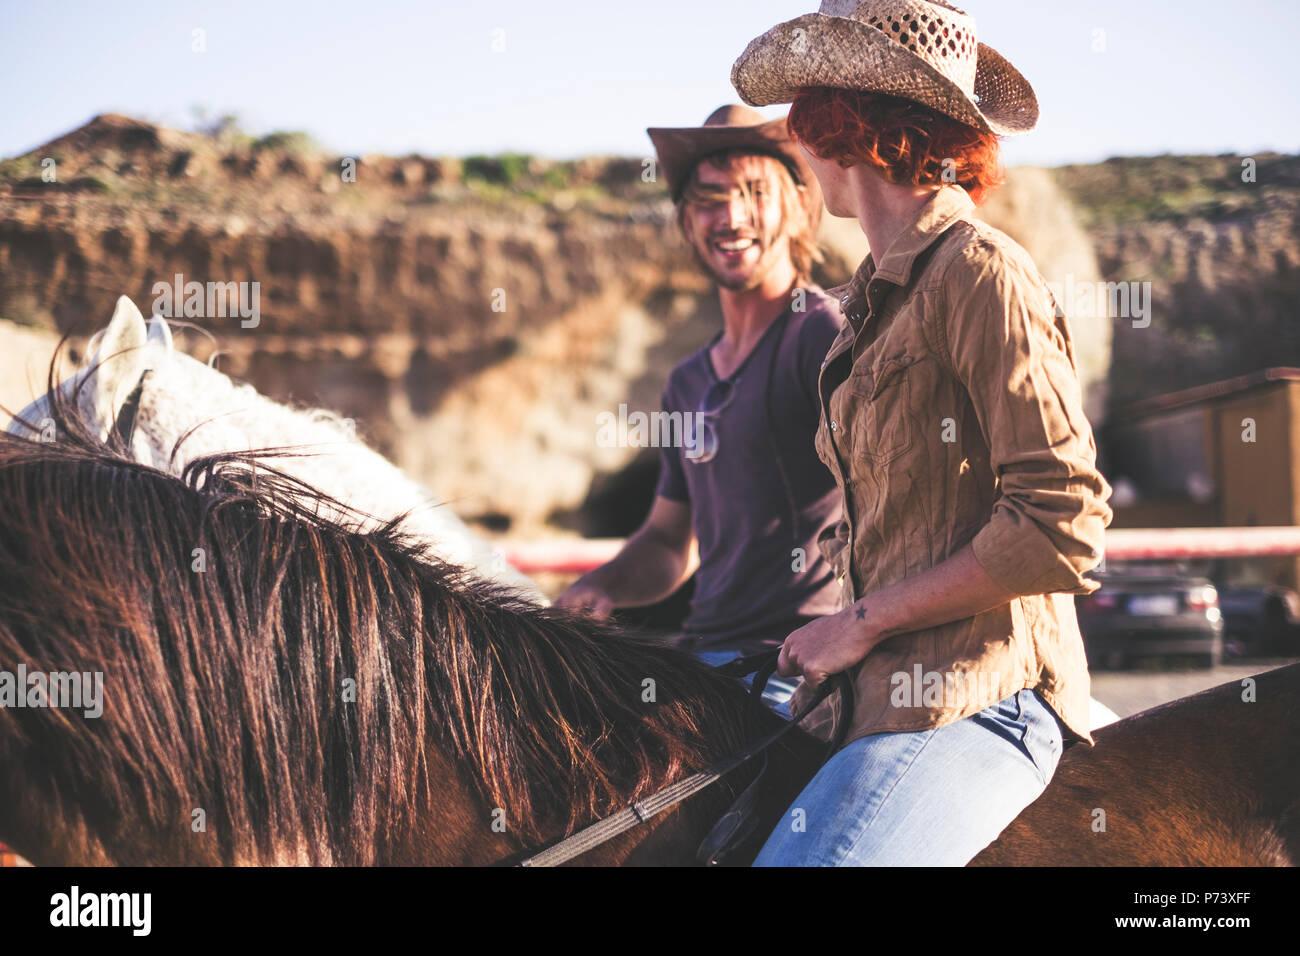 Par de personas y parejas de caballos tienen actividad de ocio juntos en el campo. Estilo de vida moderno y fuera de la oficina, de manera natural y en vivo Imagen De Stock